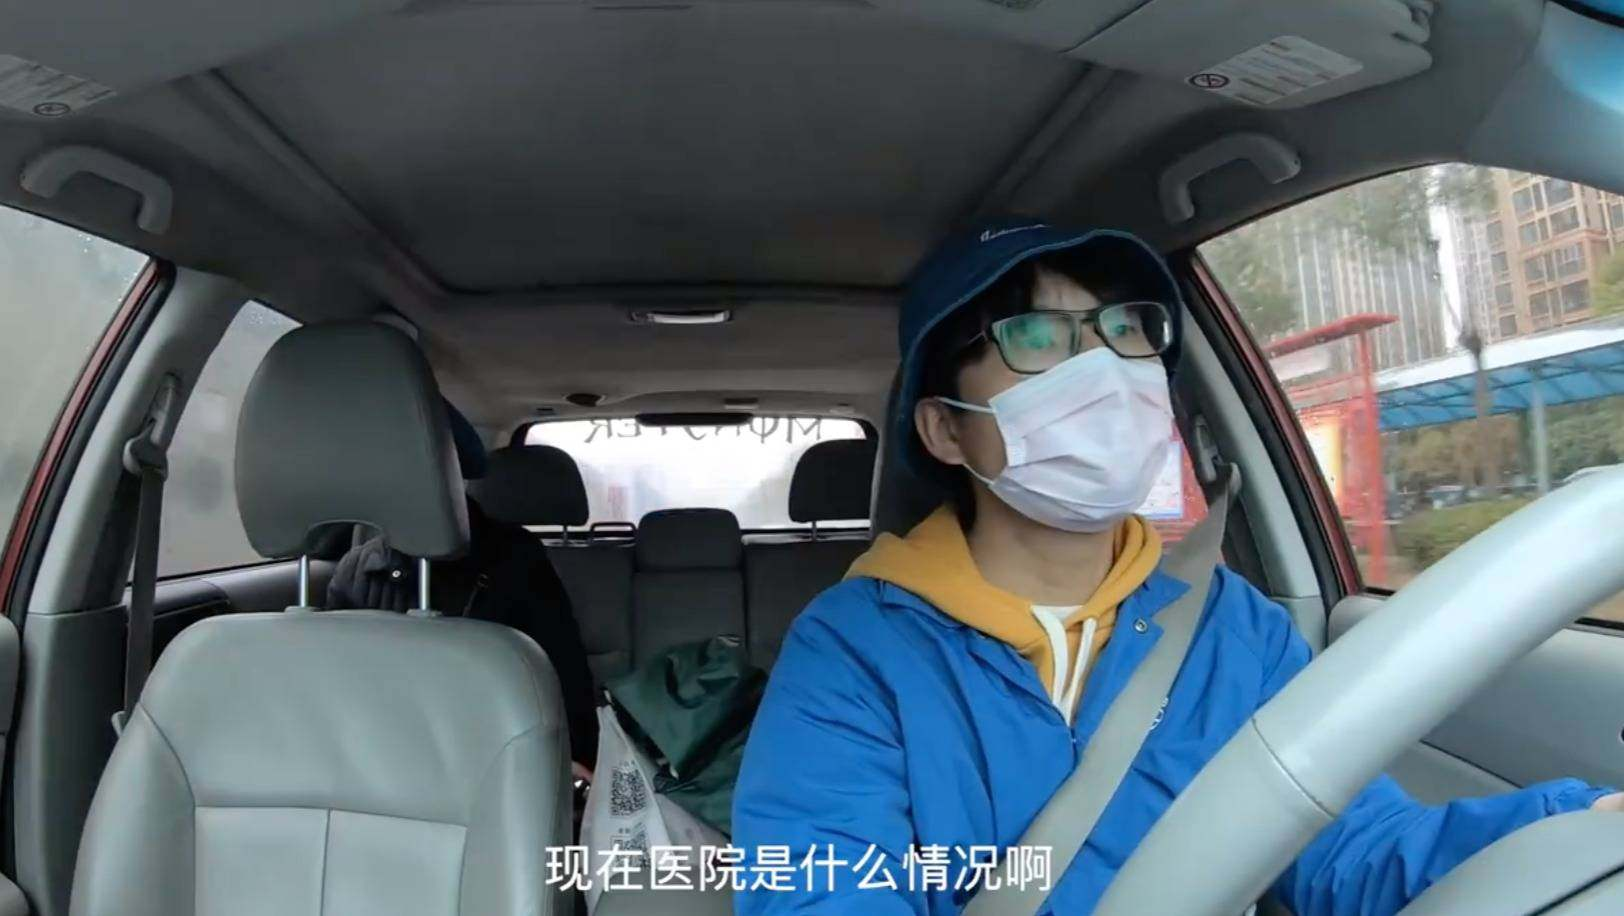 疫情下的武汉Vloggers:还有更多的人需要被看见